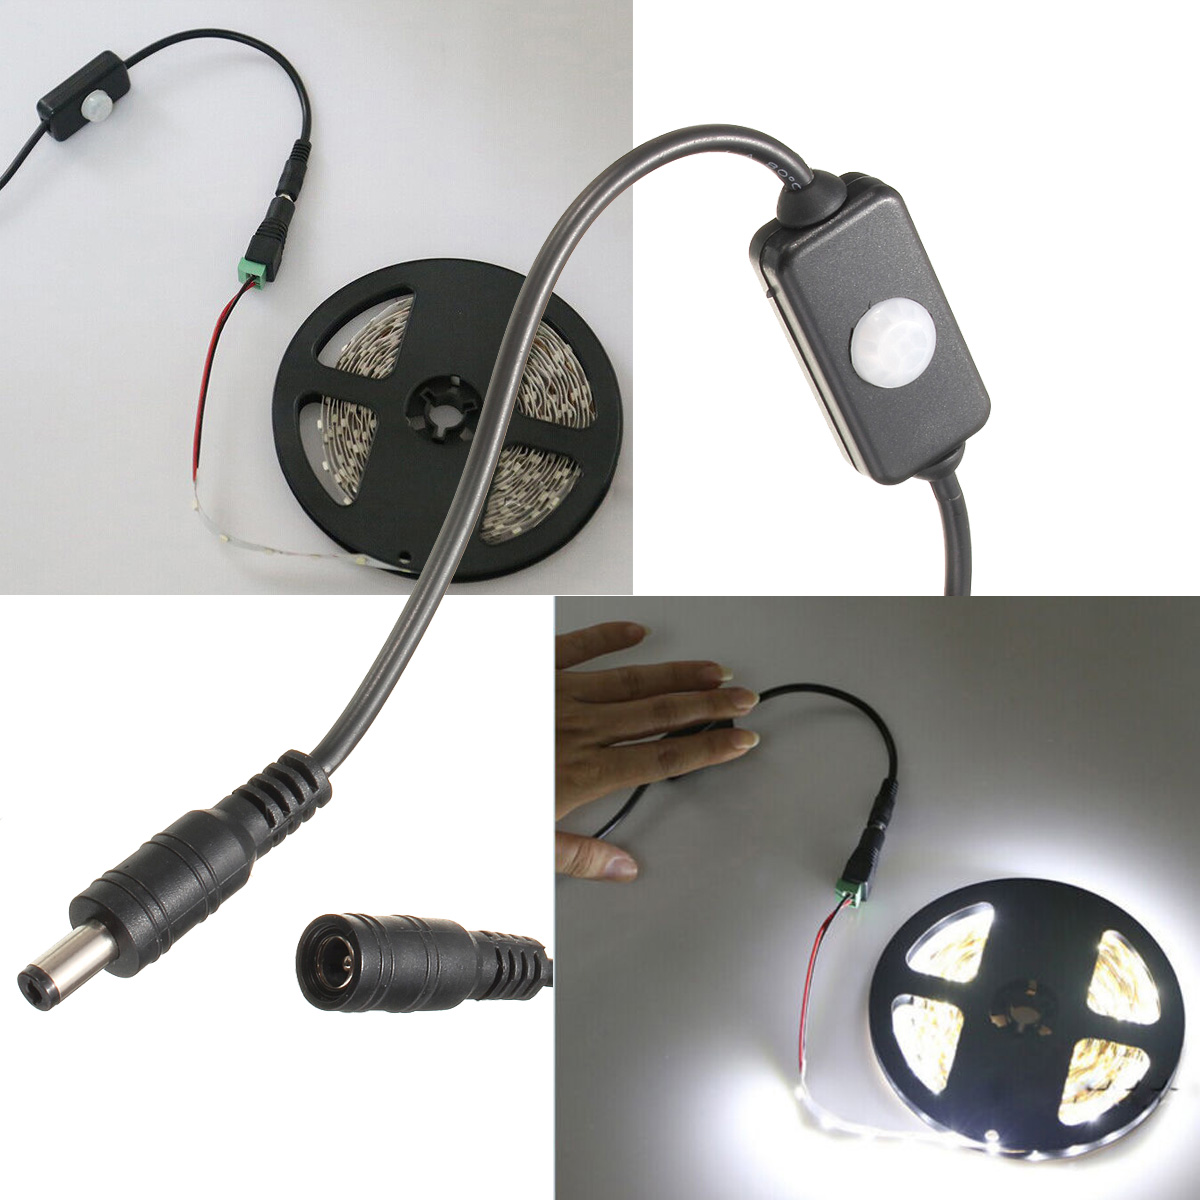 pir sensorschalter schalter f led strip streifen bewegungsmelder t rschalter 2a. Black Bedroom Furniture Sets. Home Design Ideas